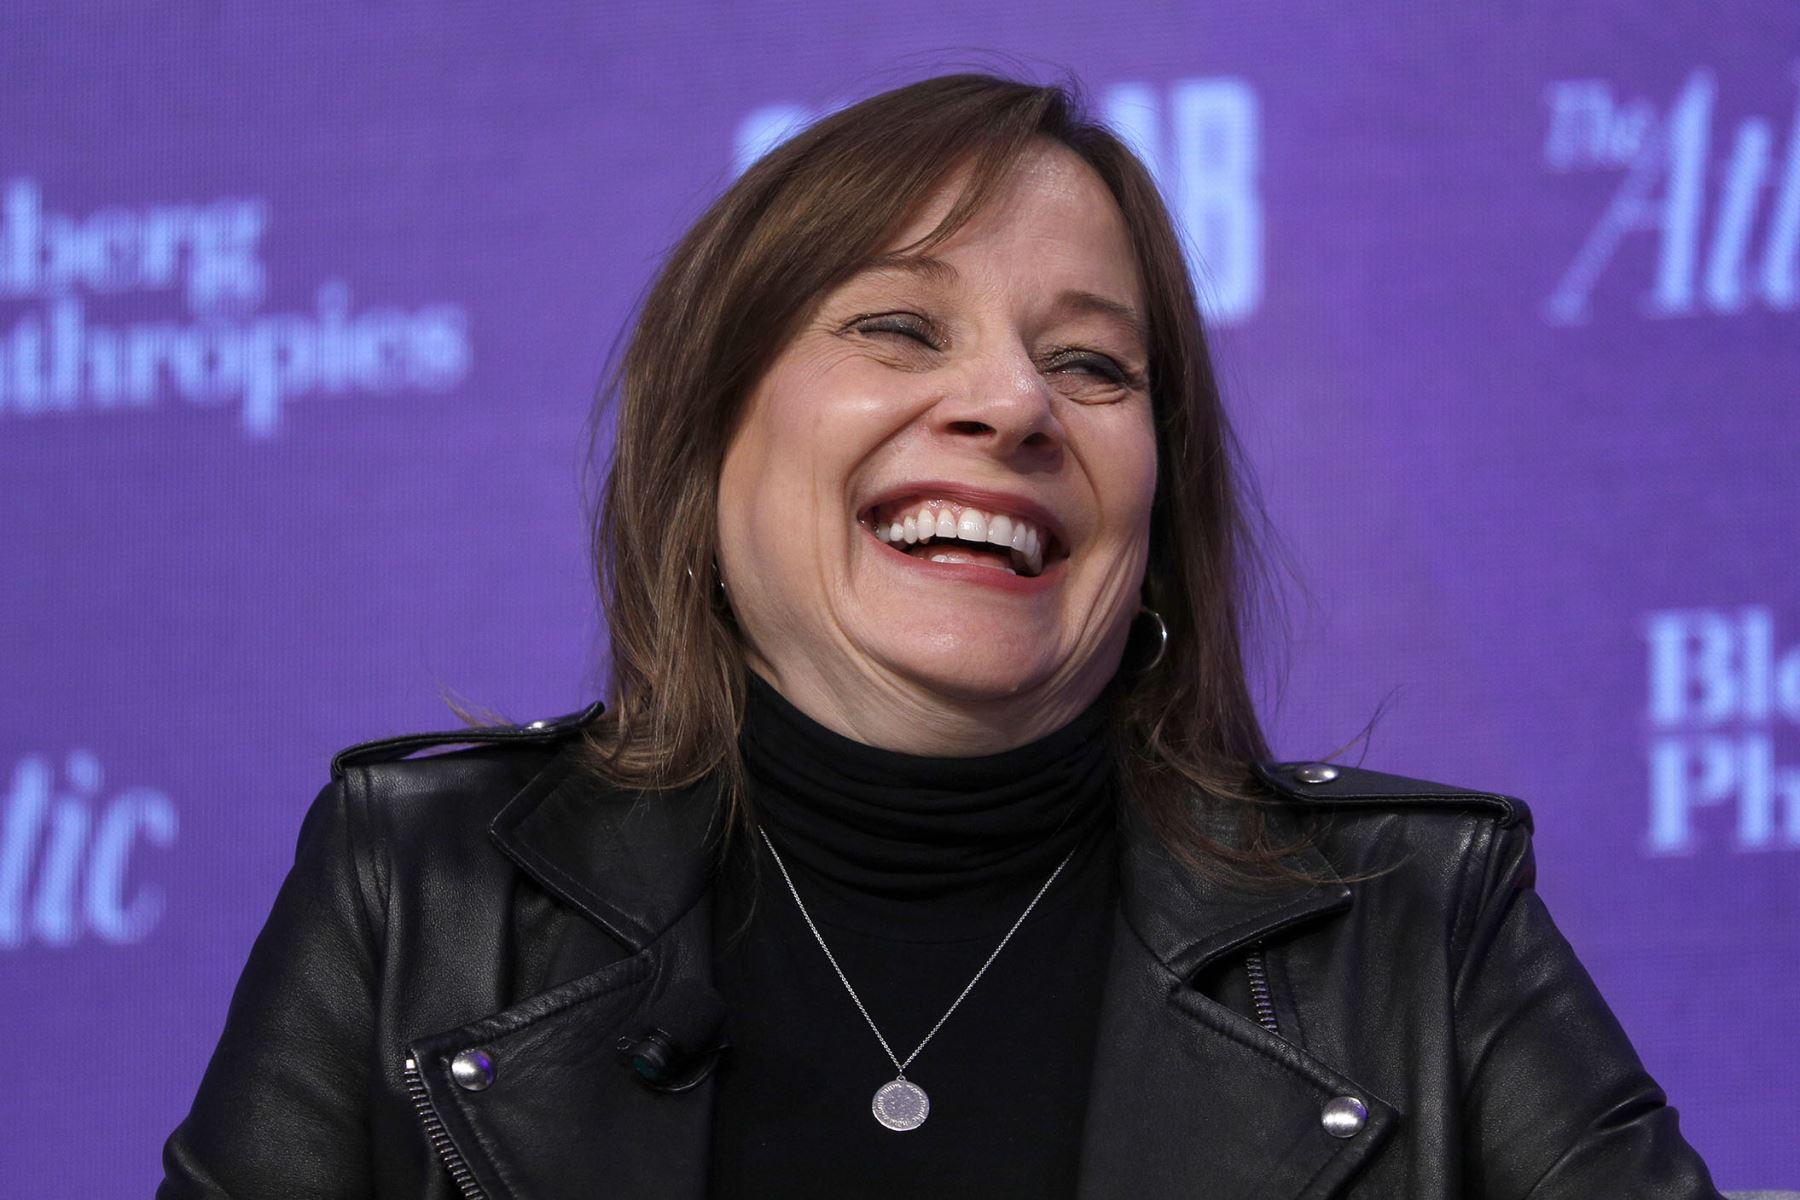 Cuarto lugar: Mary Barra, directora general de la multinacional automotriz General Motors. Quinto lugar: Abigail Johson. AFP